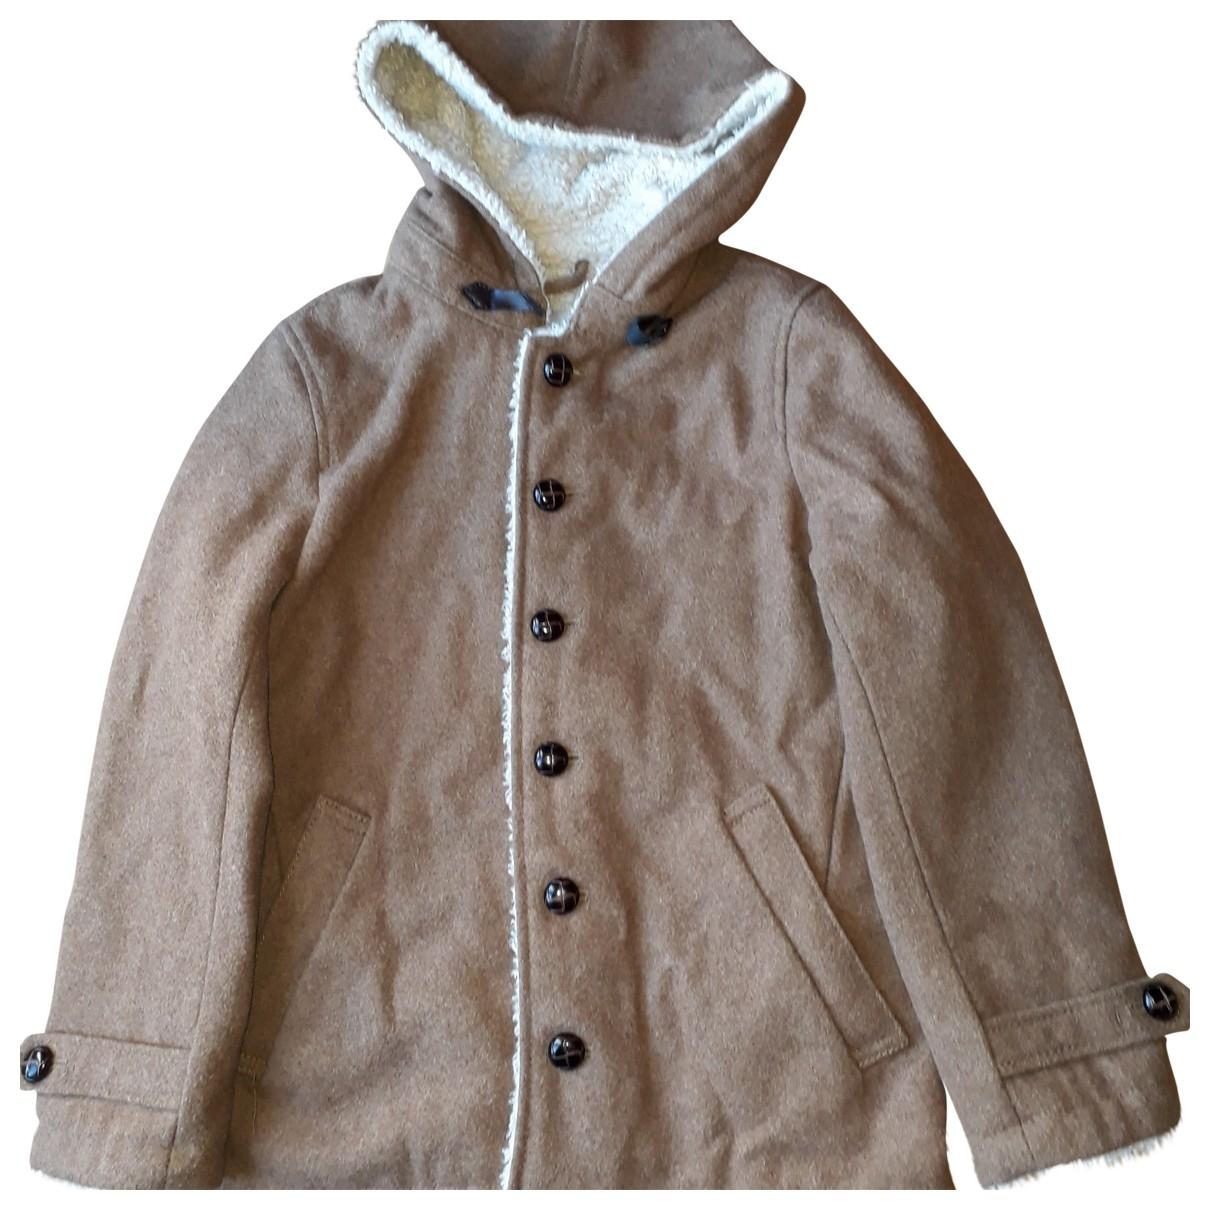 Zara - Blousons.Manteaux   pour enfant en laine - camel